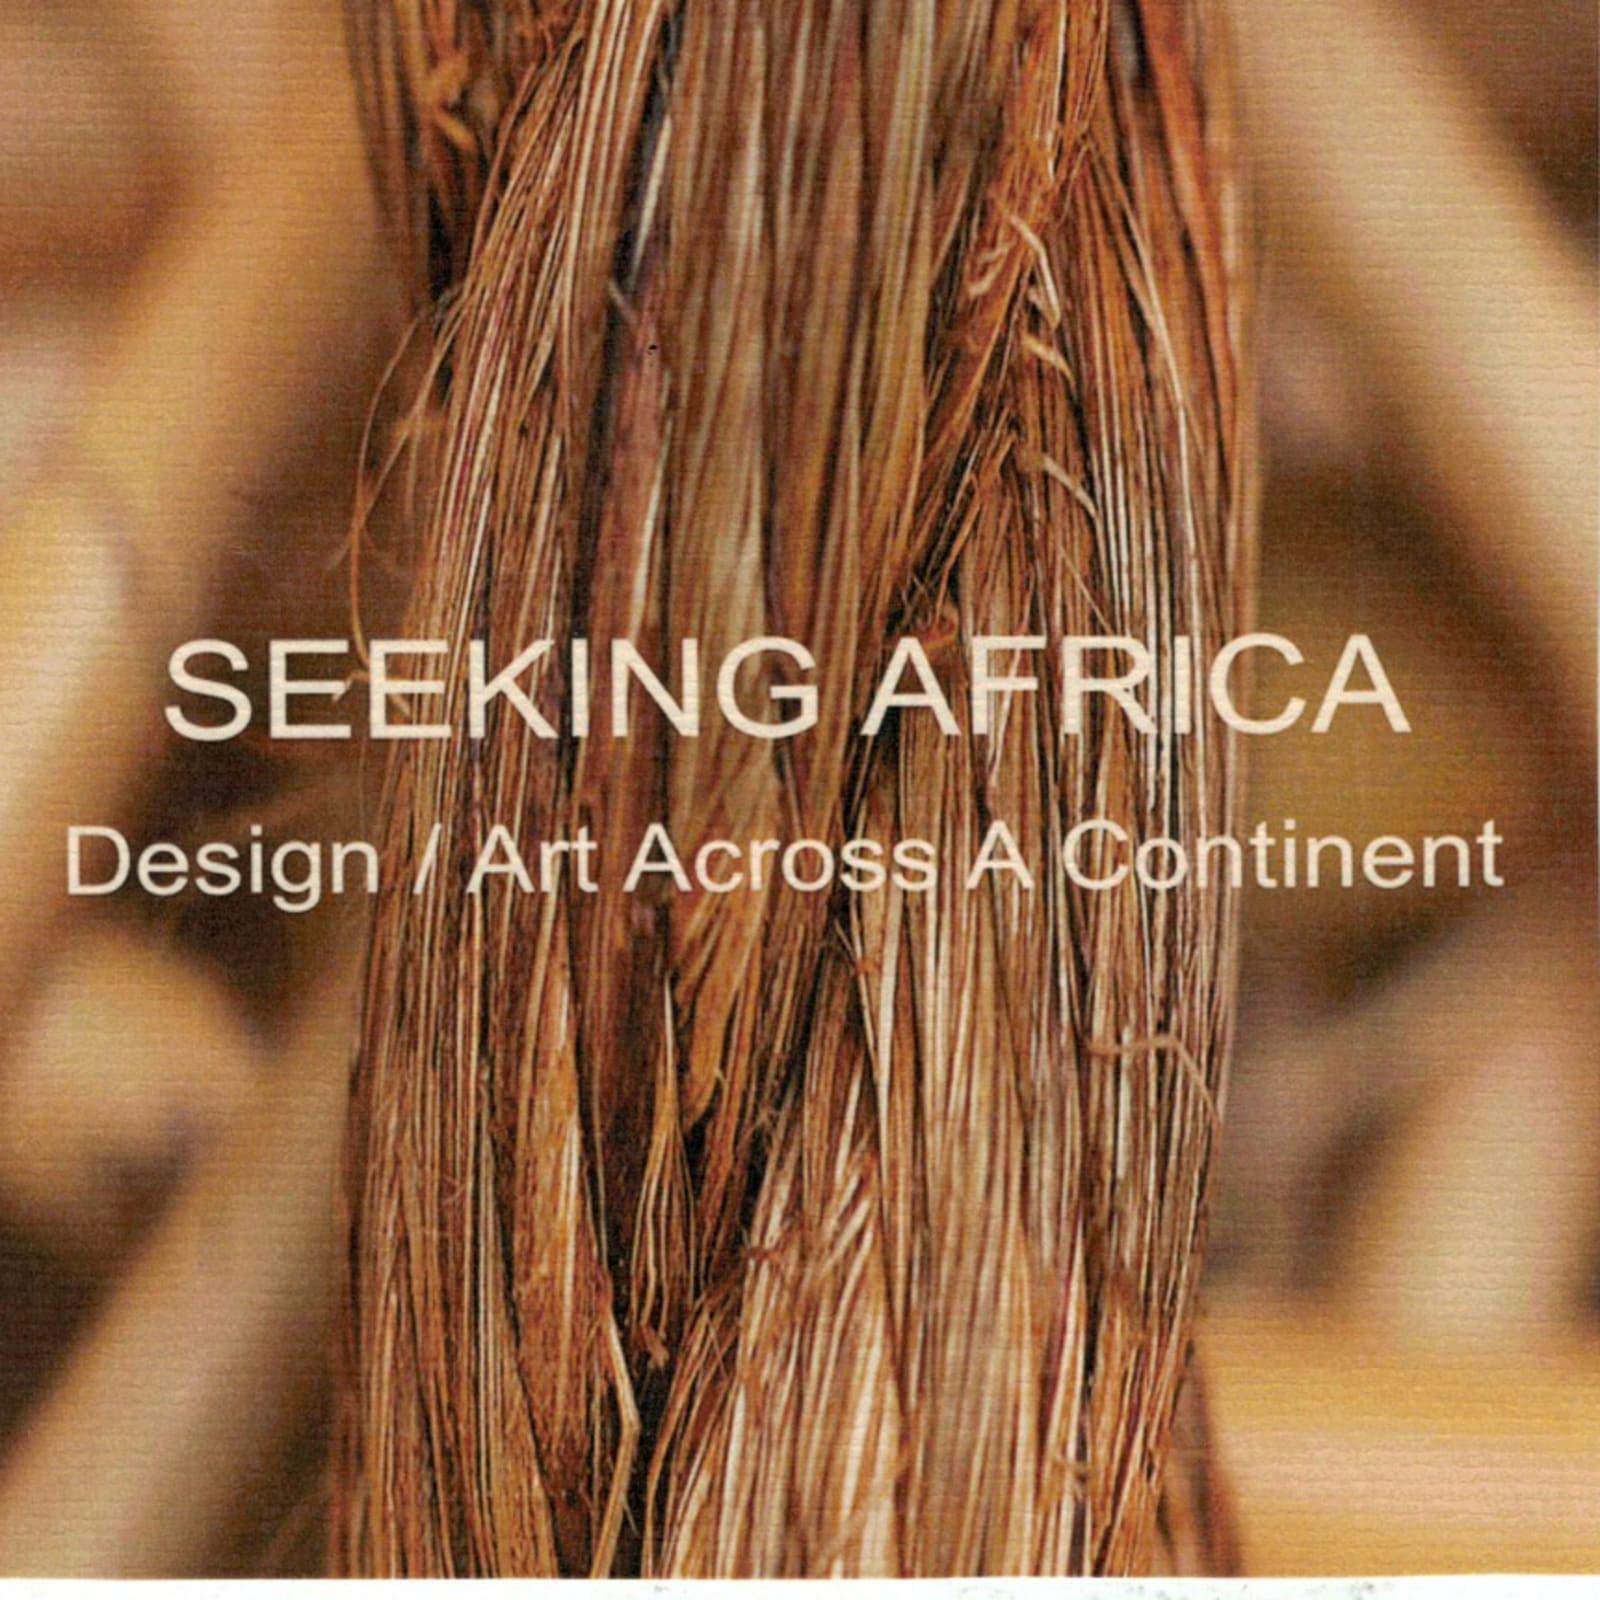 SEEKING AFRICA  Design / Art Across a Continent